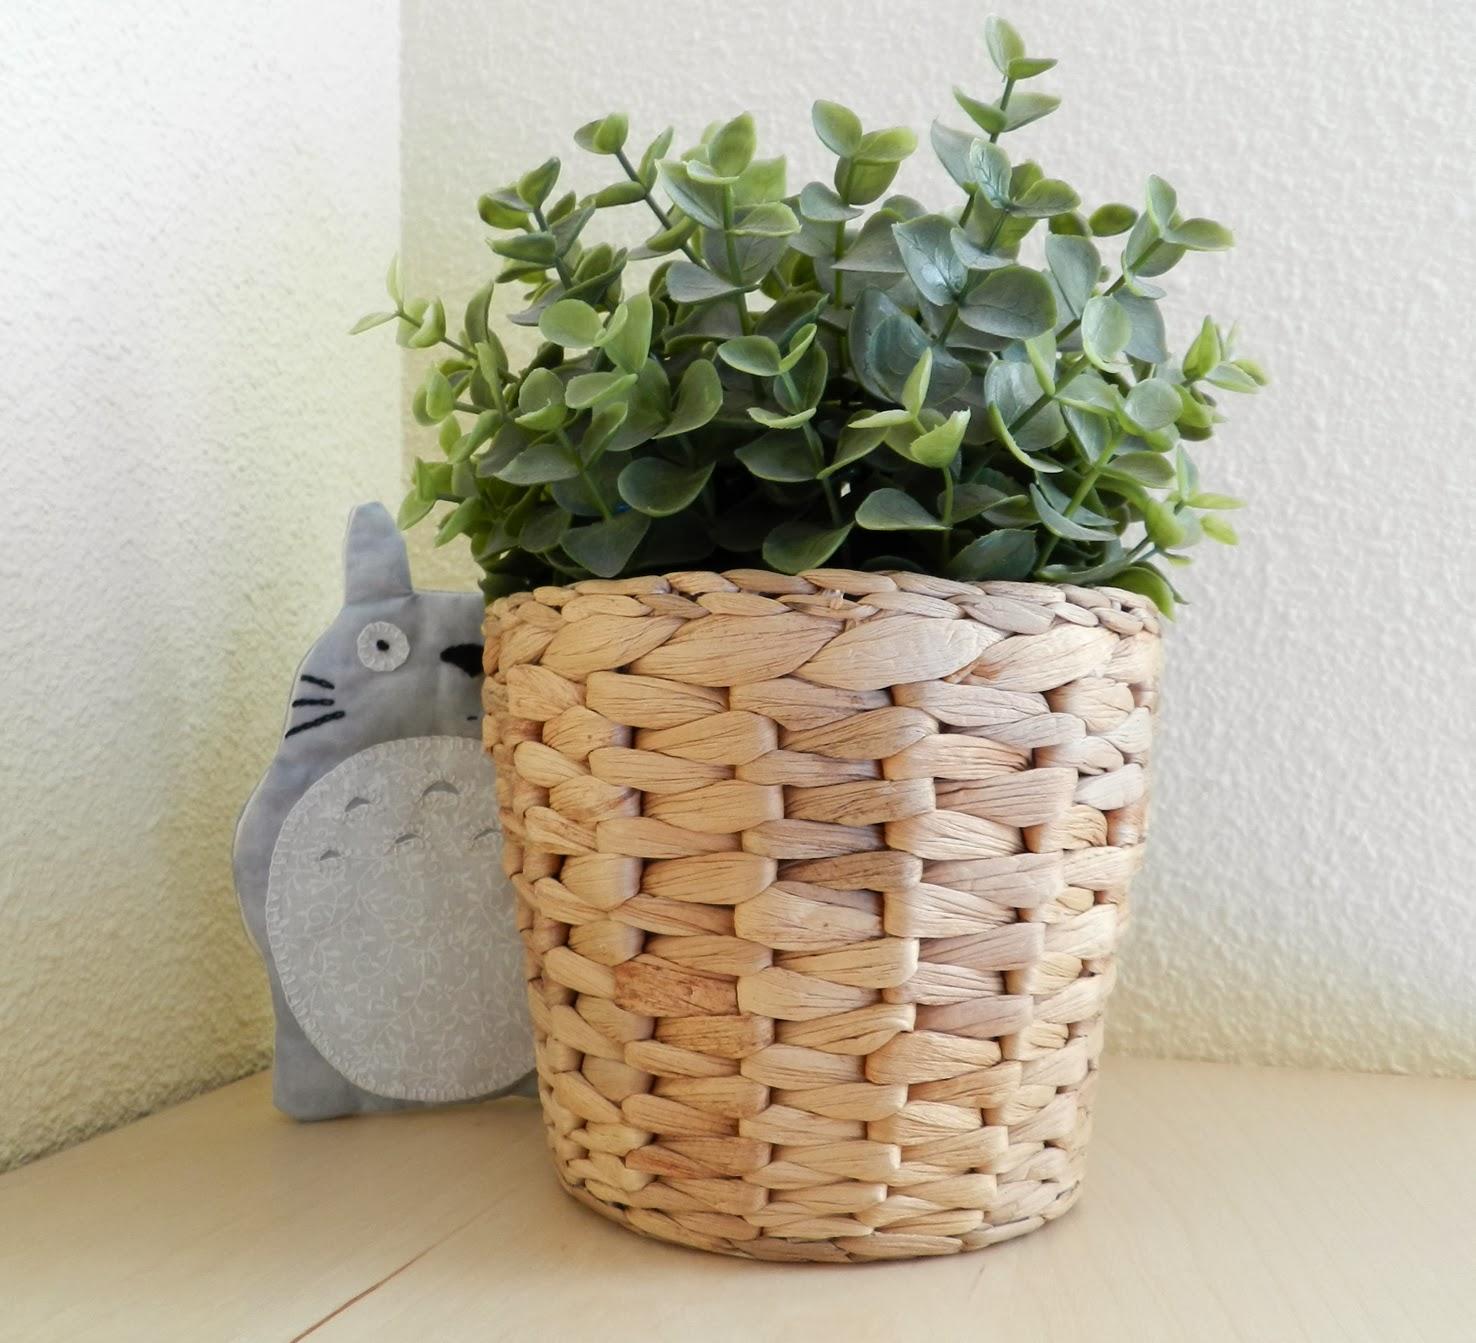 Funda móvil, funda para el móvil, patchwork, Totoro, Funda para el móvil patchwork, Funda móvil Totoro, funda para el móvil de Totoro